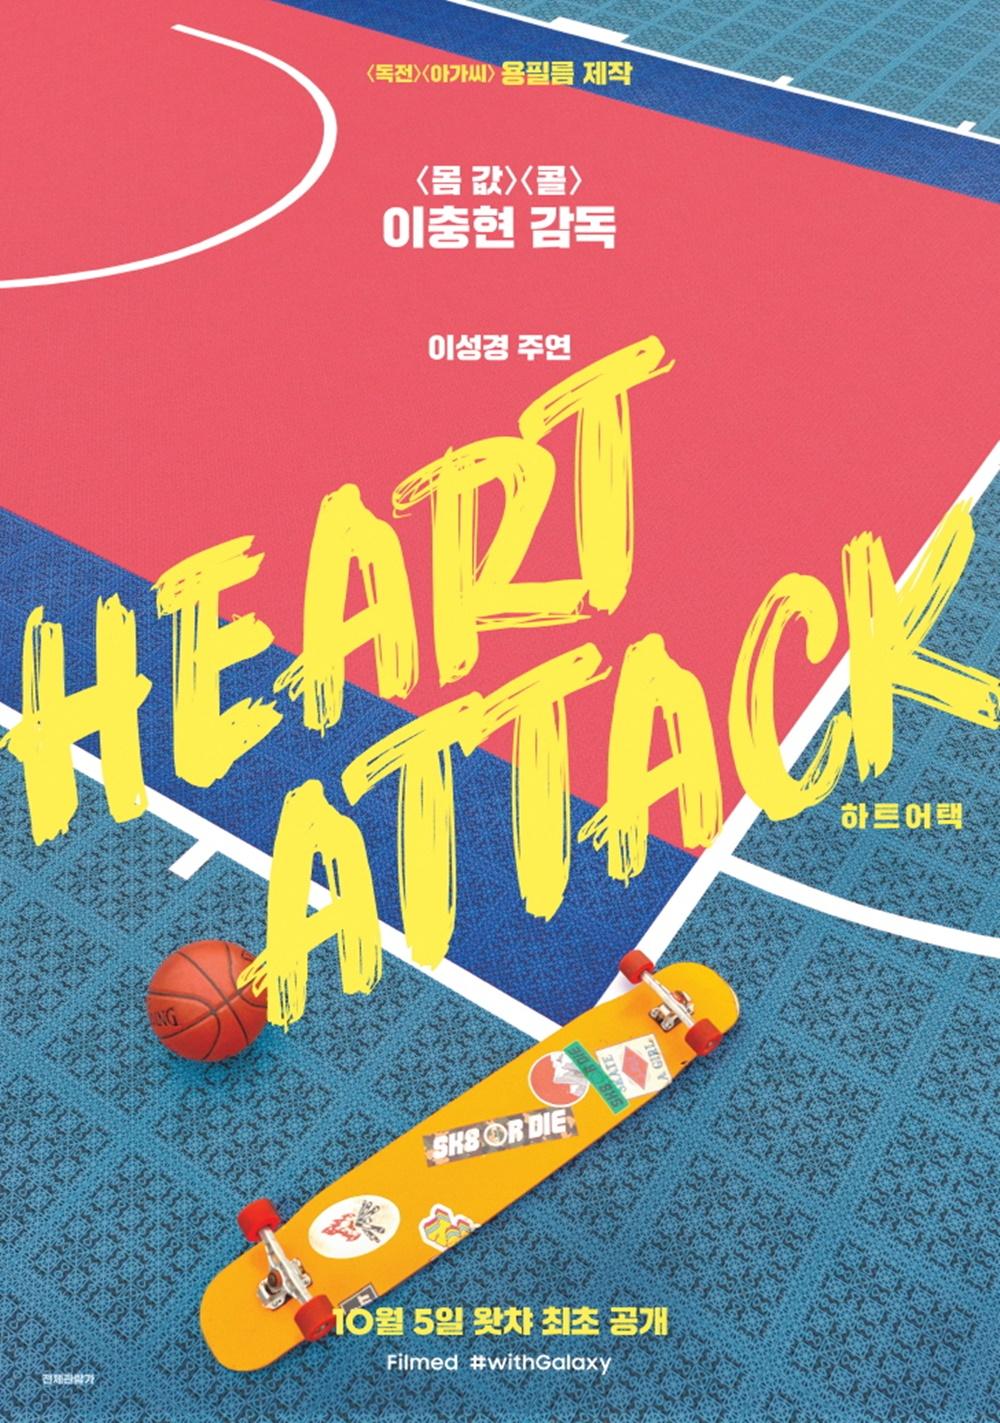 '갤럭시 S20 울트라' 촬영 단편영화 '하트 어택' 온라인 개봉